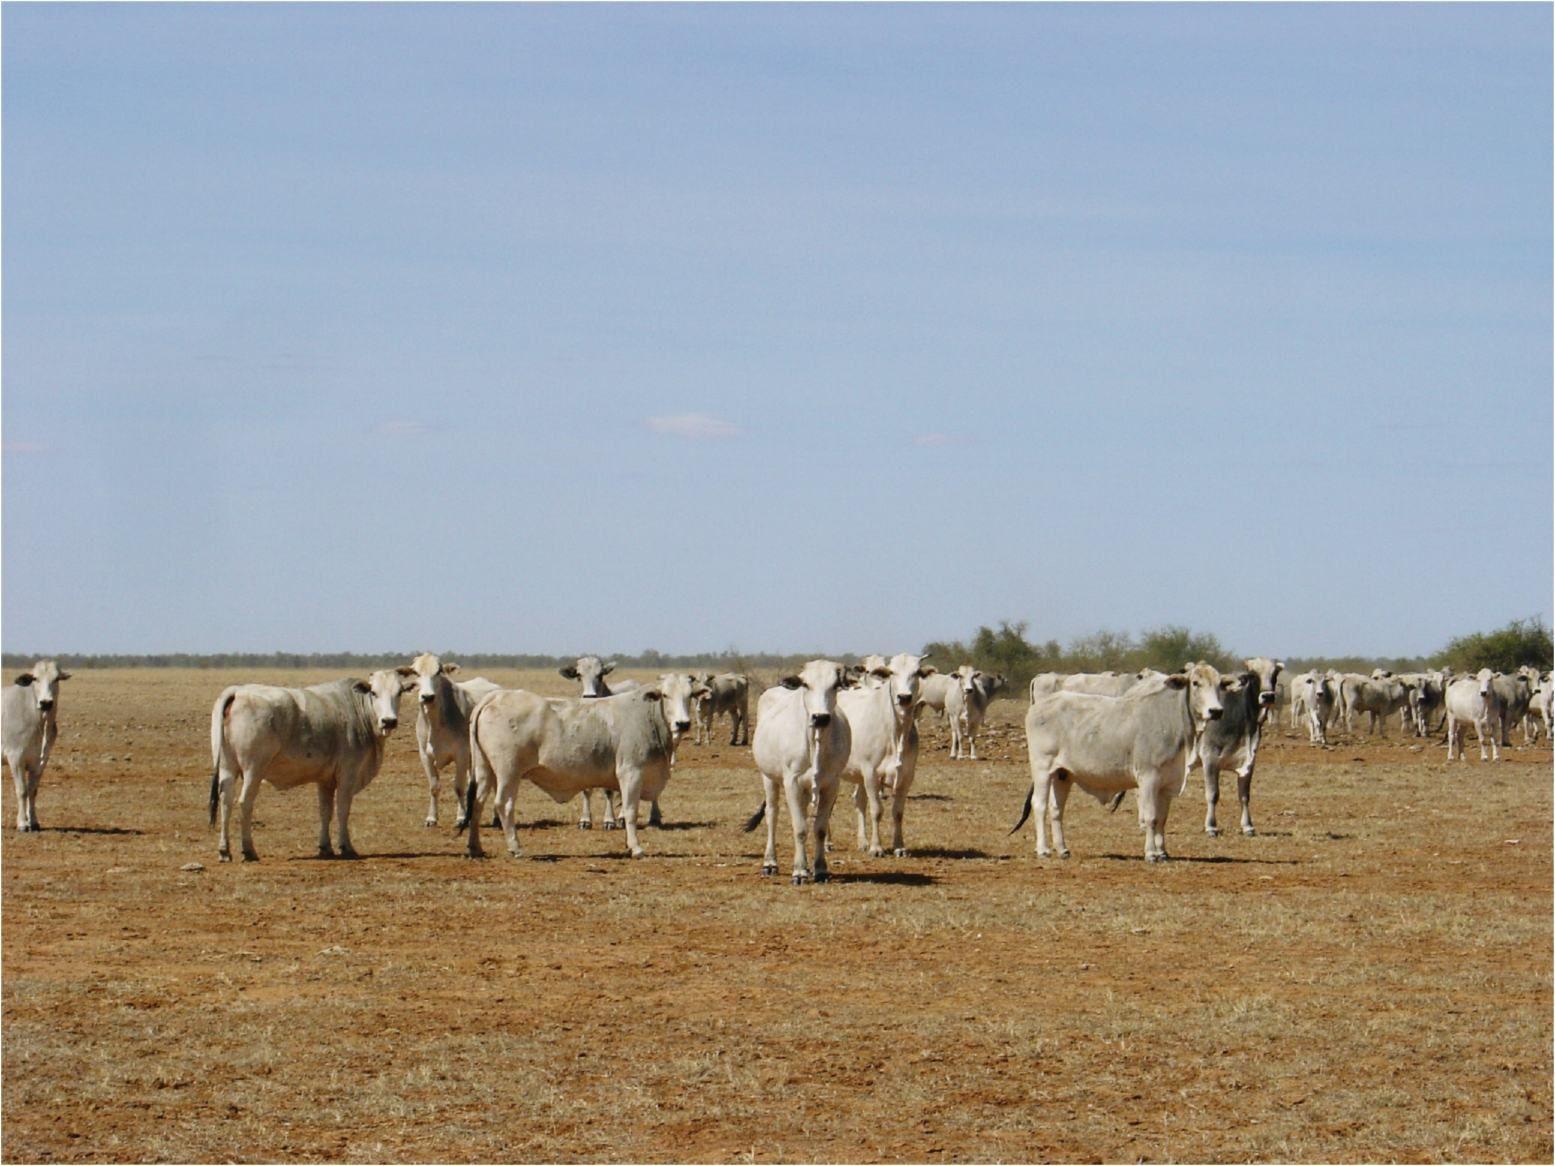 Cattle, Mt Isa to Winton Highway, Queensland, Australia